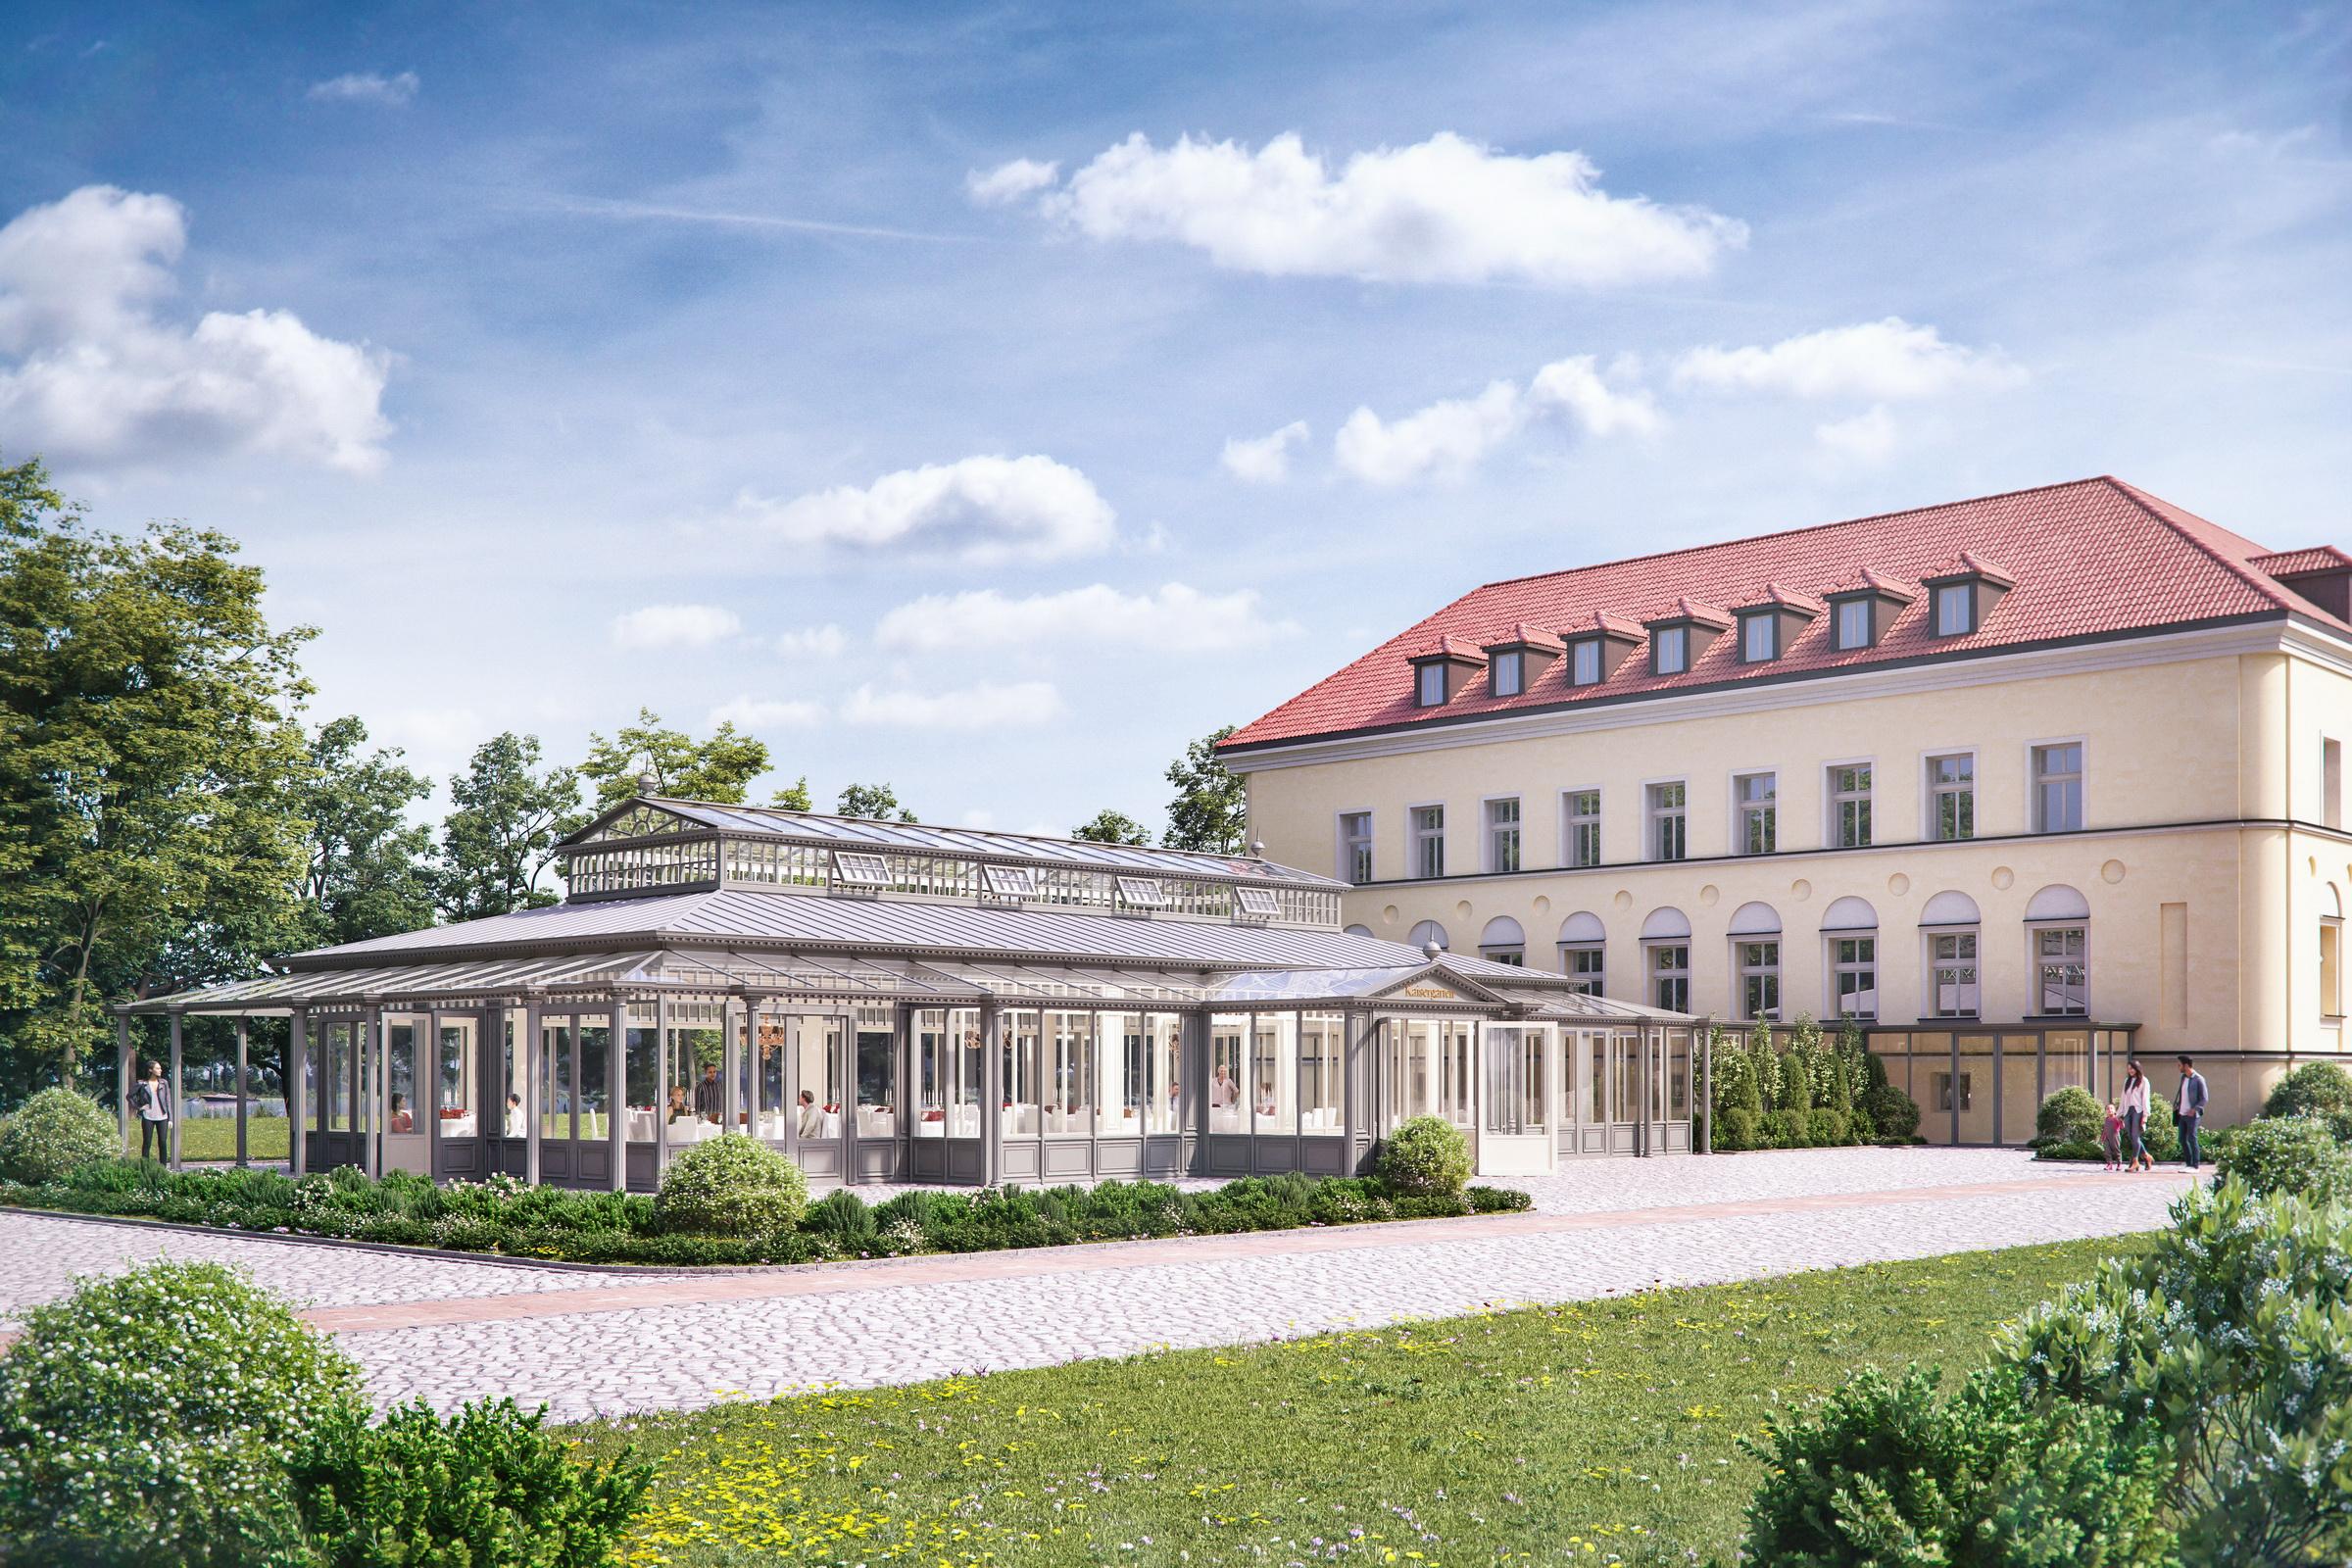 Vowisol_Seeschloss_Schorssow_170801